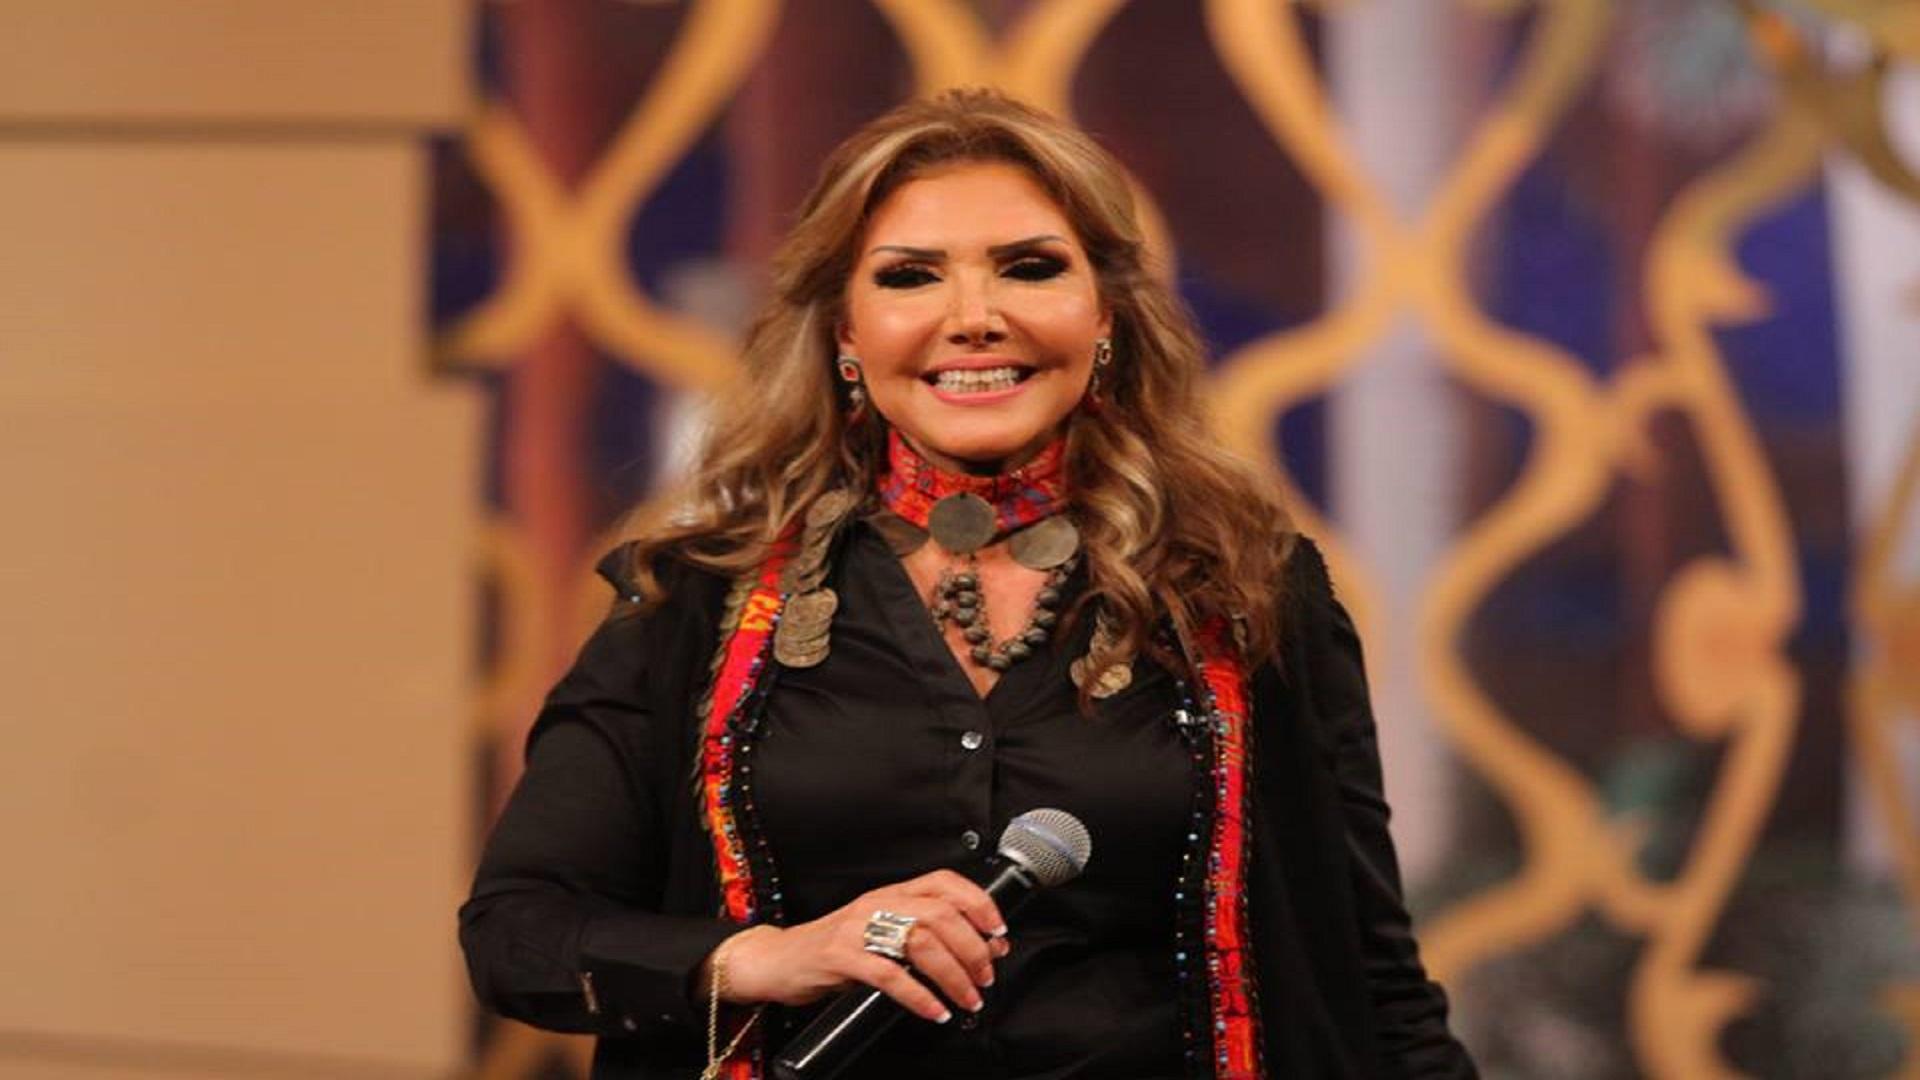 الفنانة المصرية نادية مصطفى تهاجم رامز جلال بسبب سخريته من زوجها